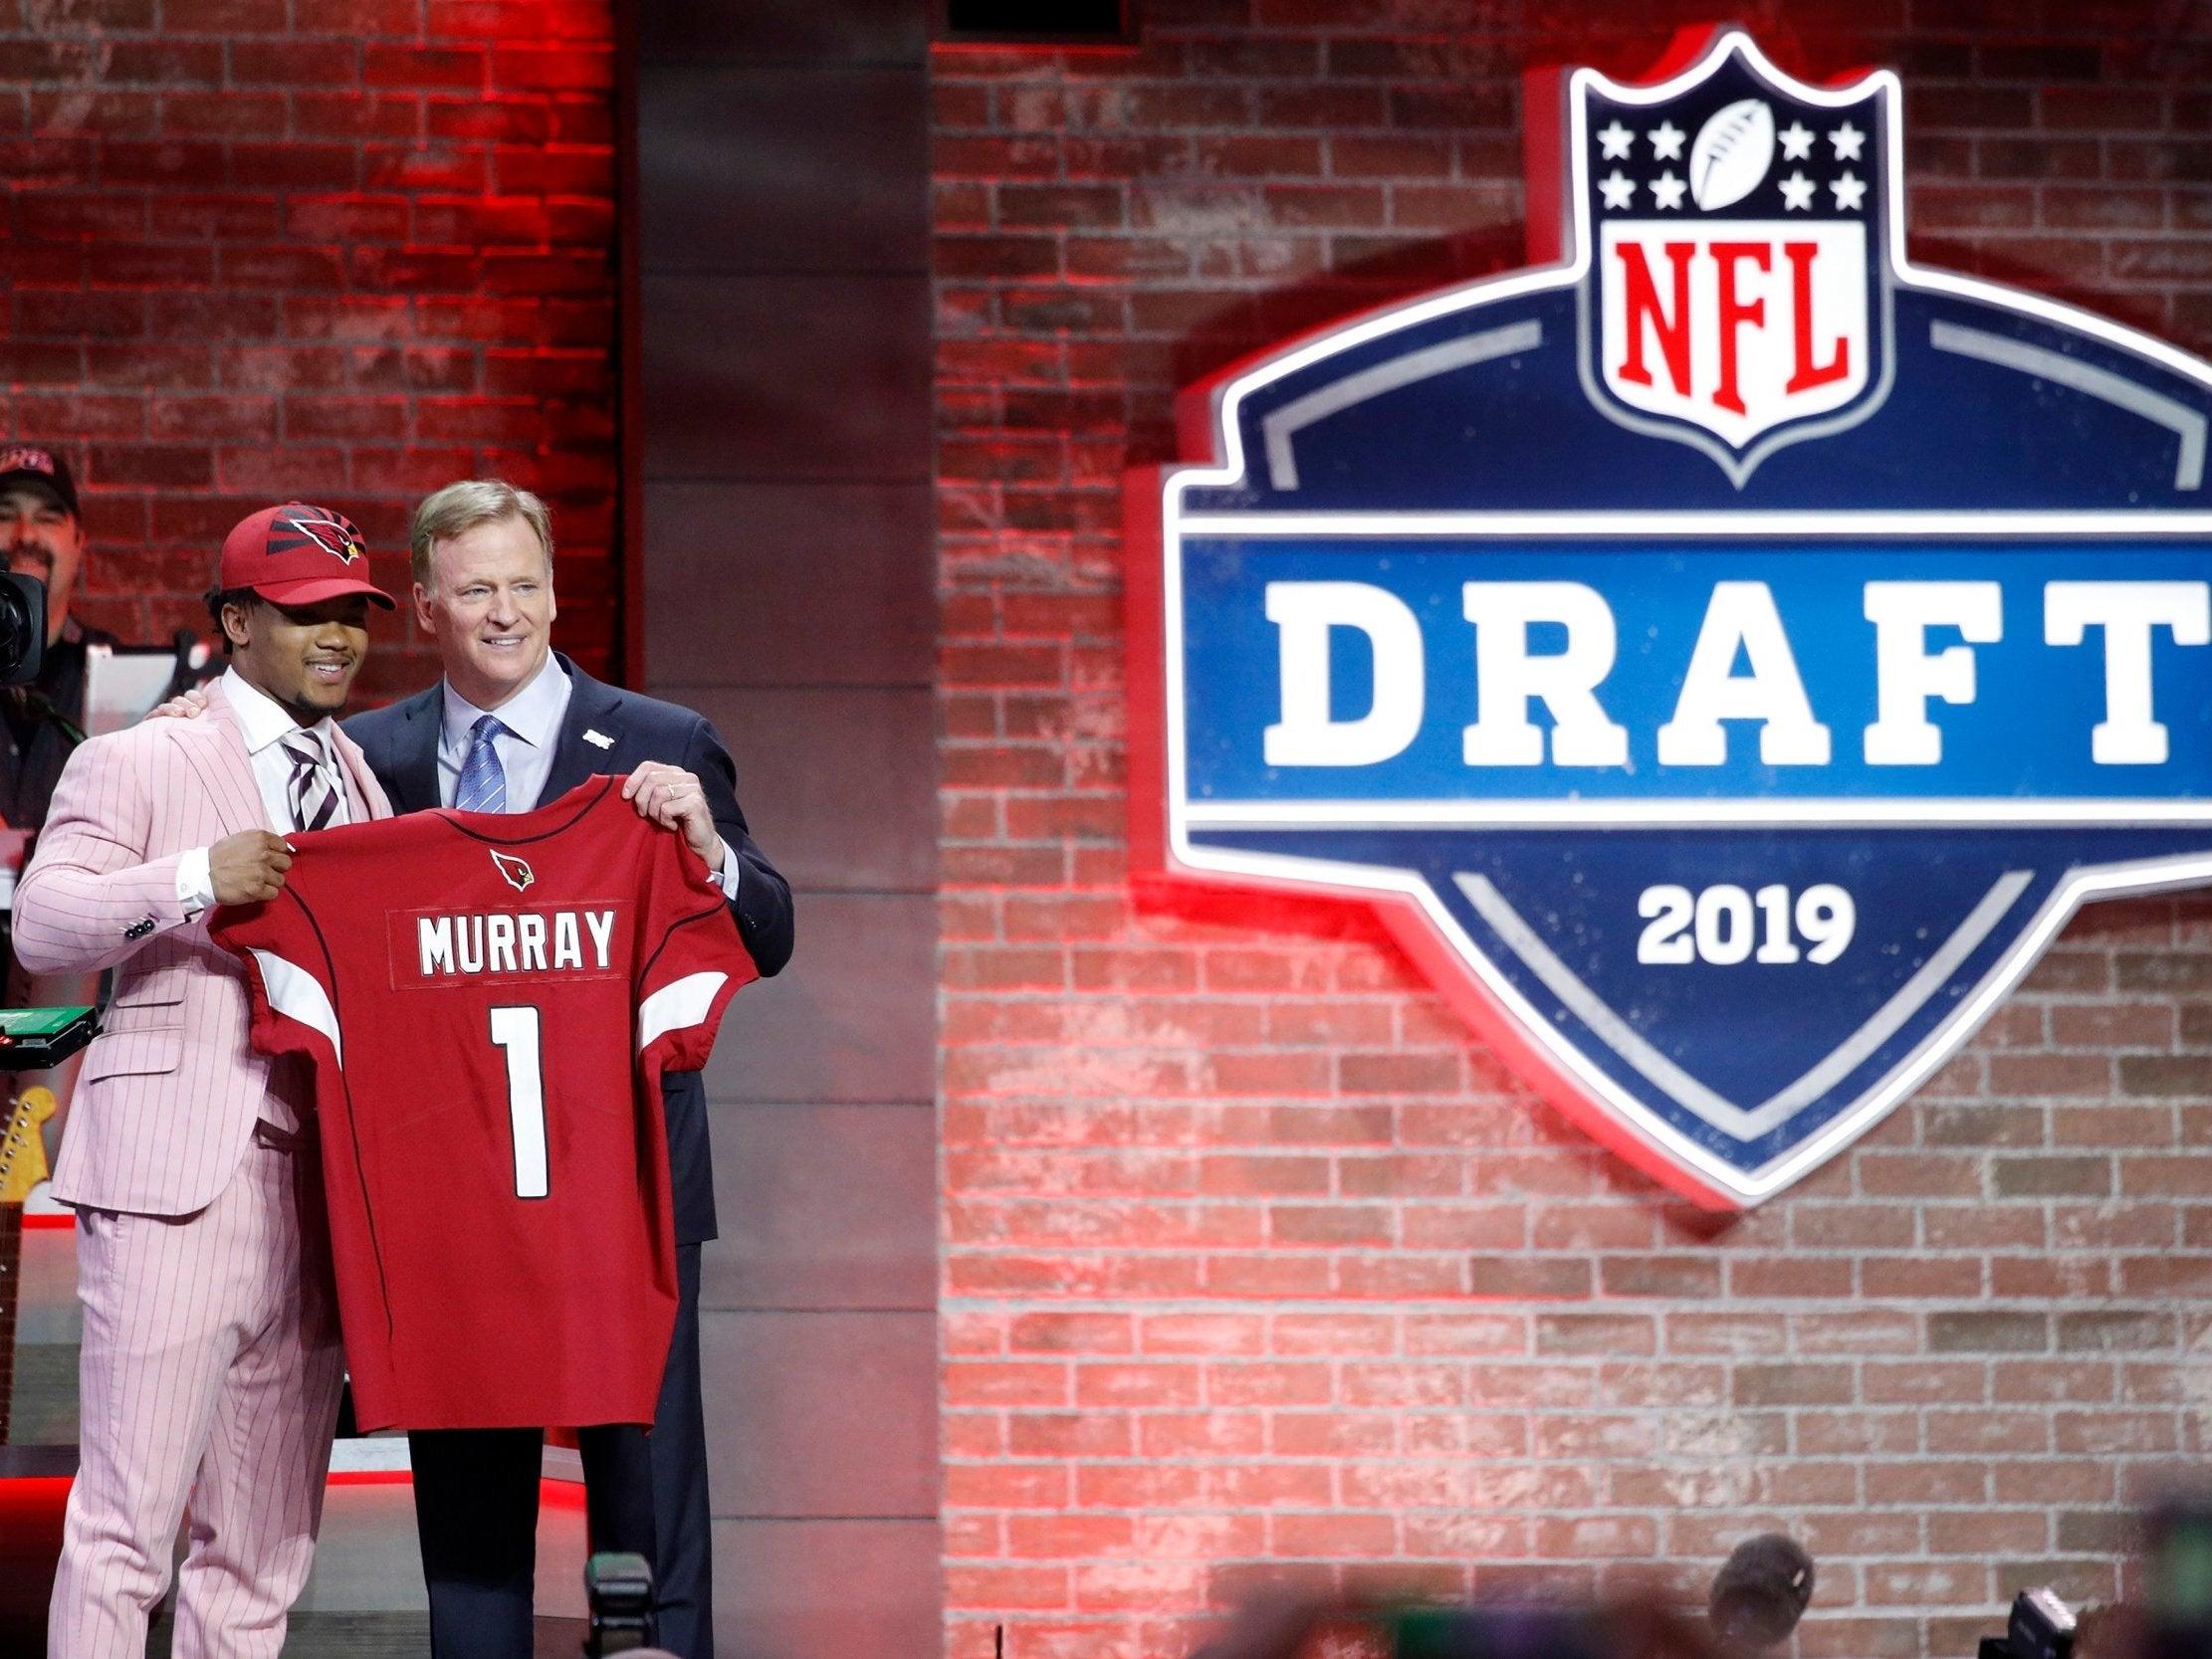 NFL Draft 2019: Kyler Murray or Josh Rosen, blundering New